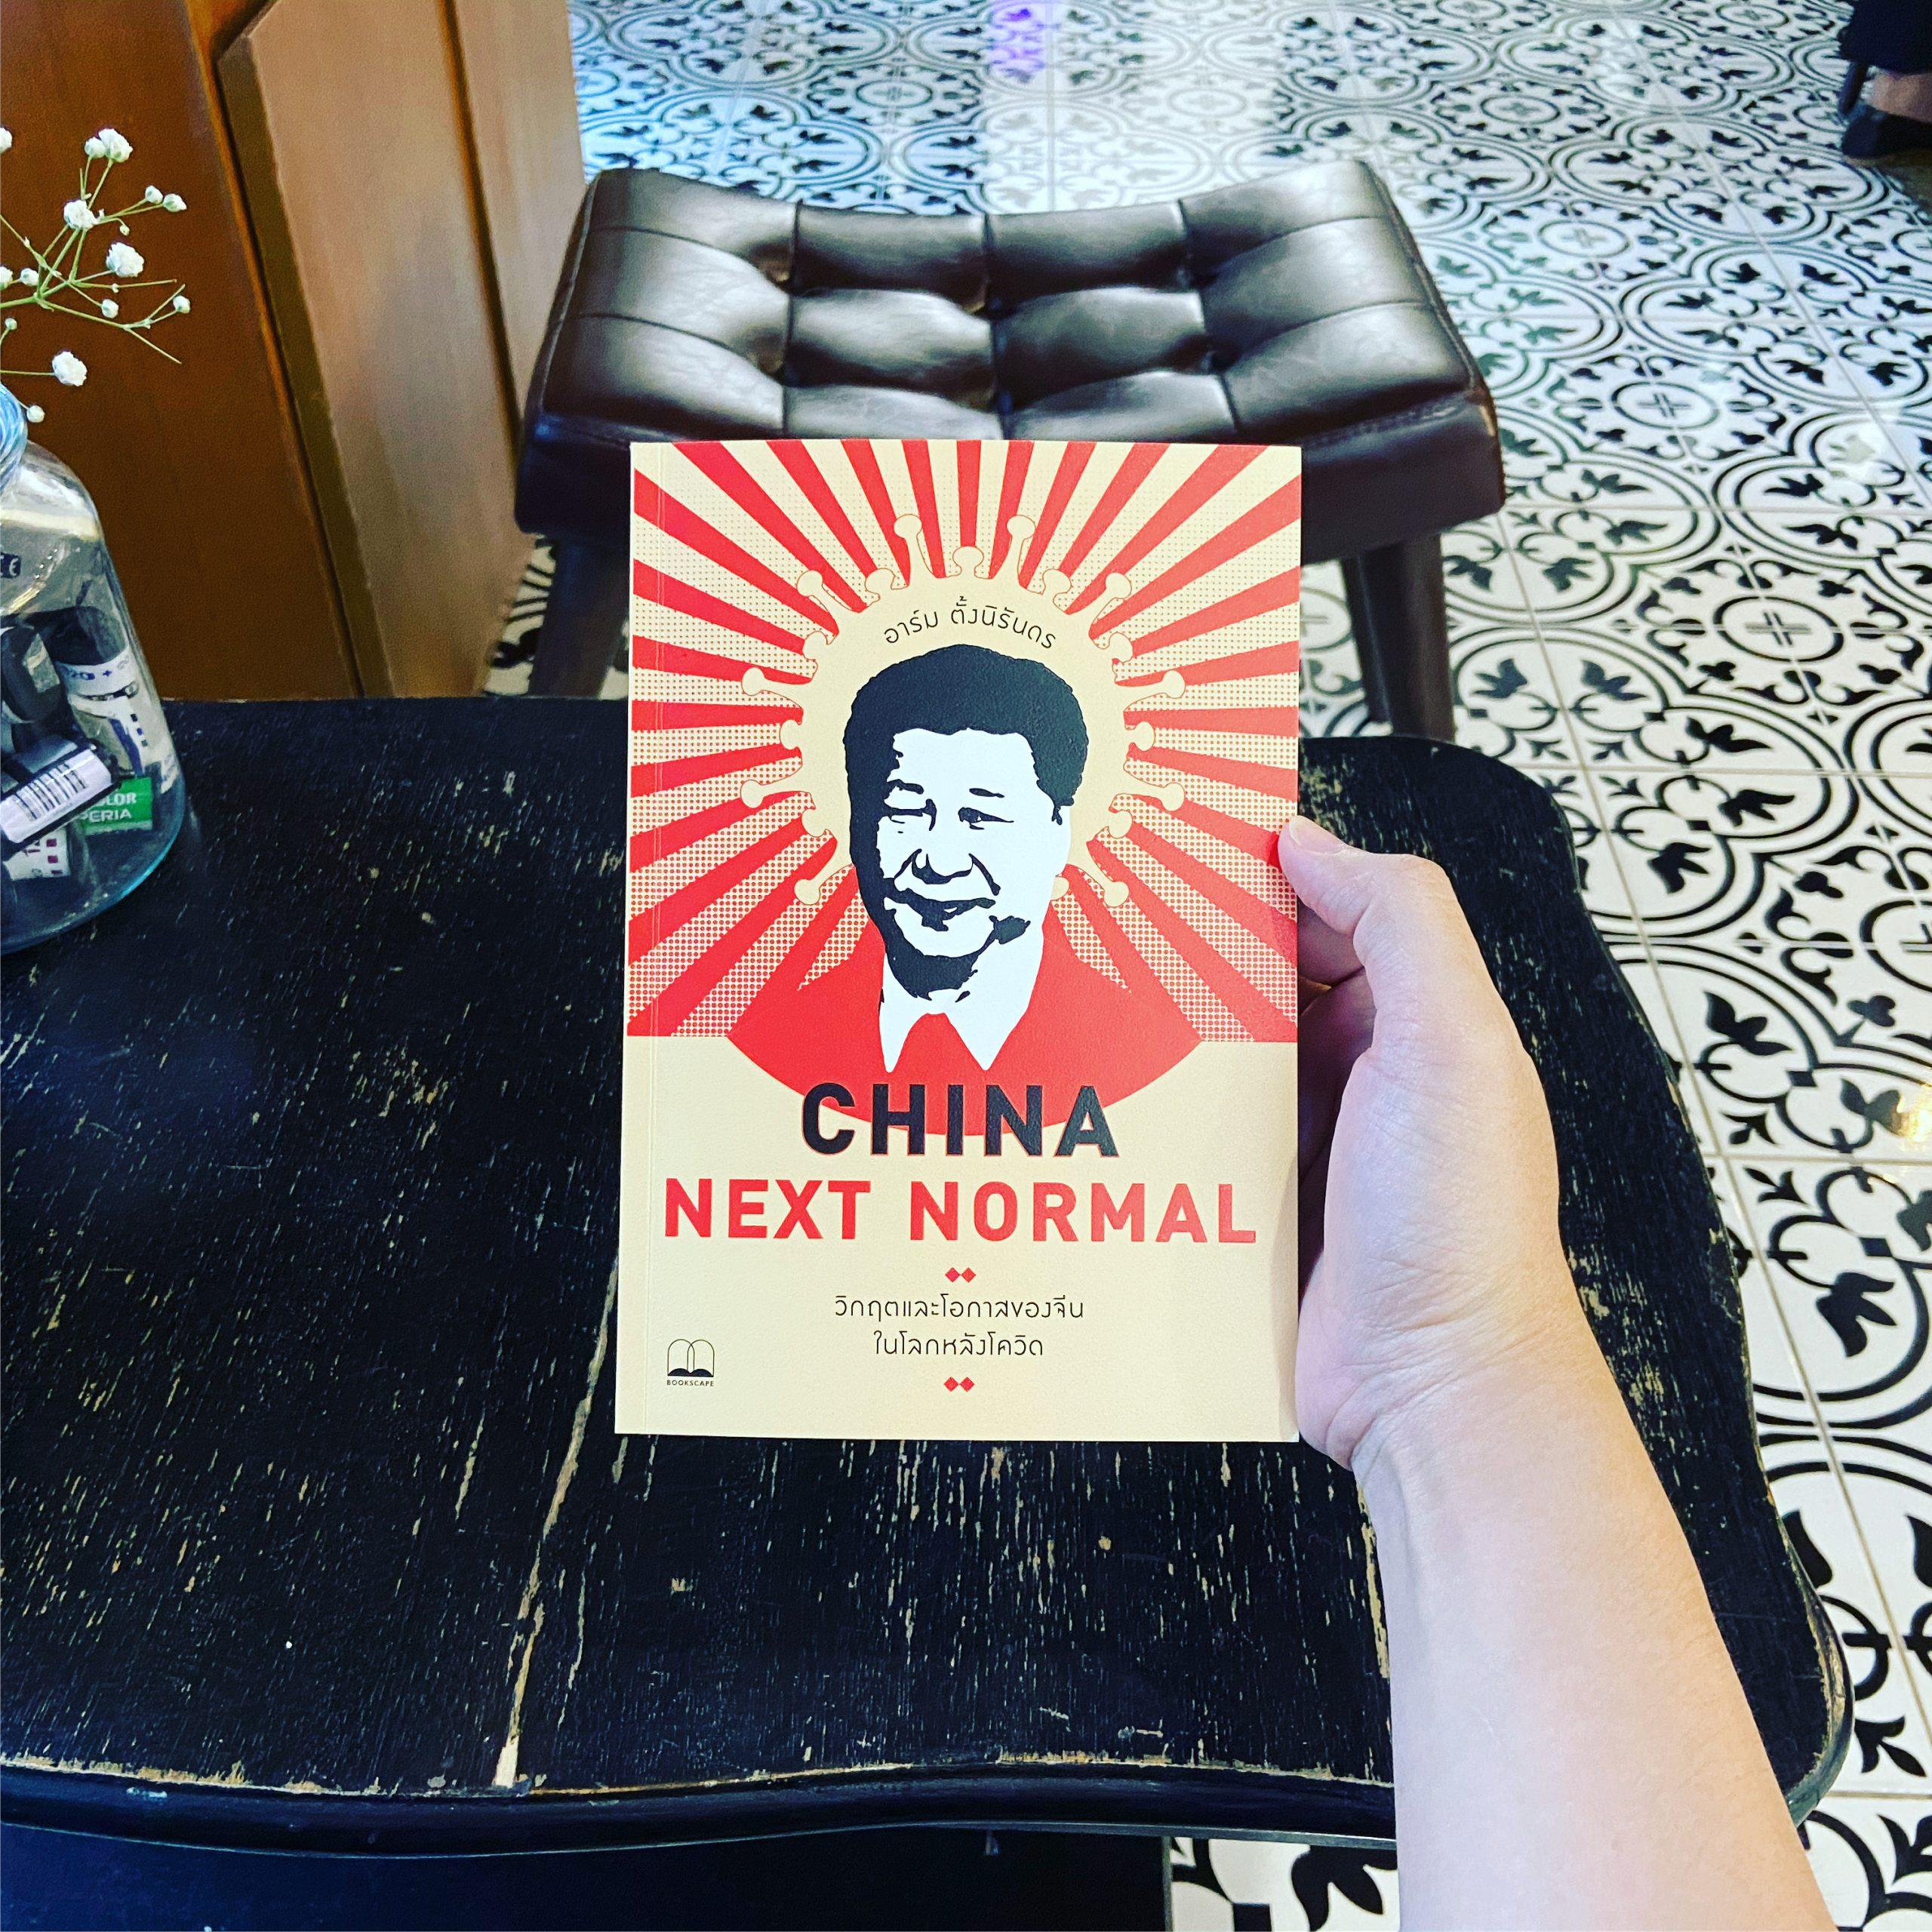 สรุปหนังสือ China Next Normal วิกฤตและโอกาสของจีนในโลกหลังโควิด สำนักพิมพ์ Bookscape อาร์ม ตั้งนิรันดร เขียน เกิดก่อน ปรับก่อน รอดก่อน